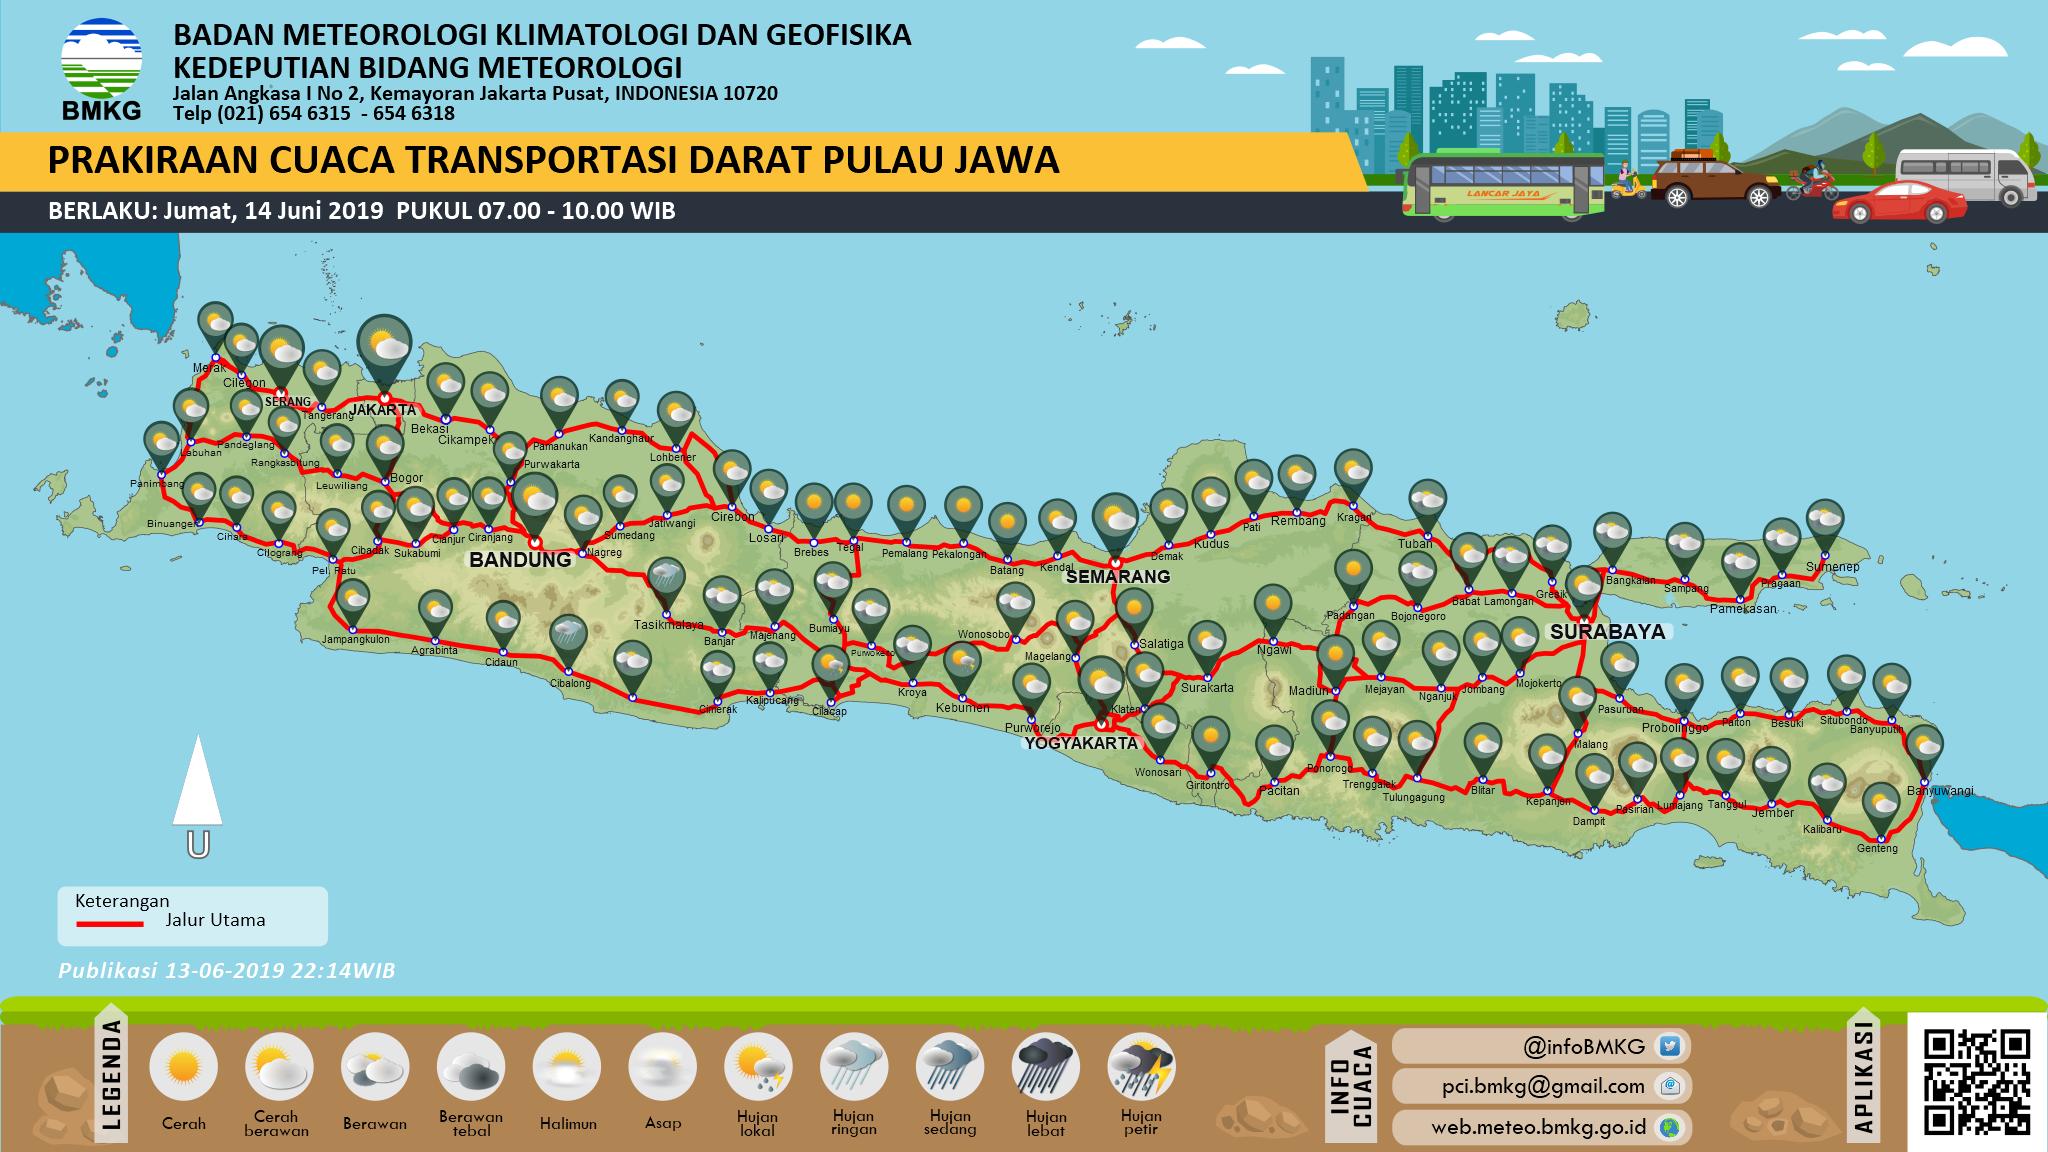 Prakiraan cuaca posko lebaran Pulau Jawa